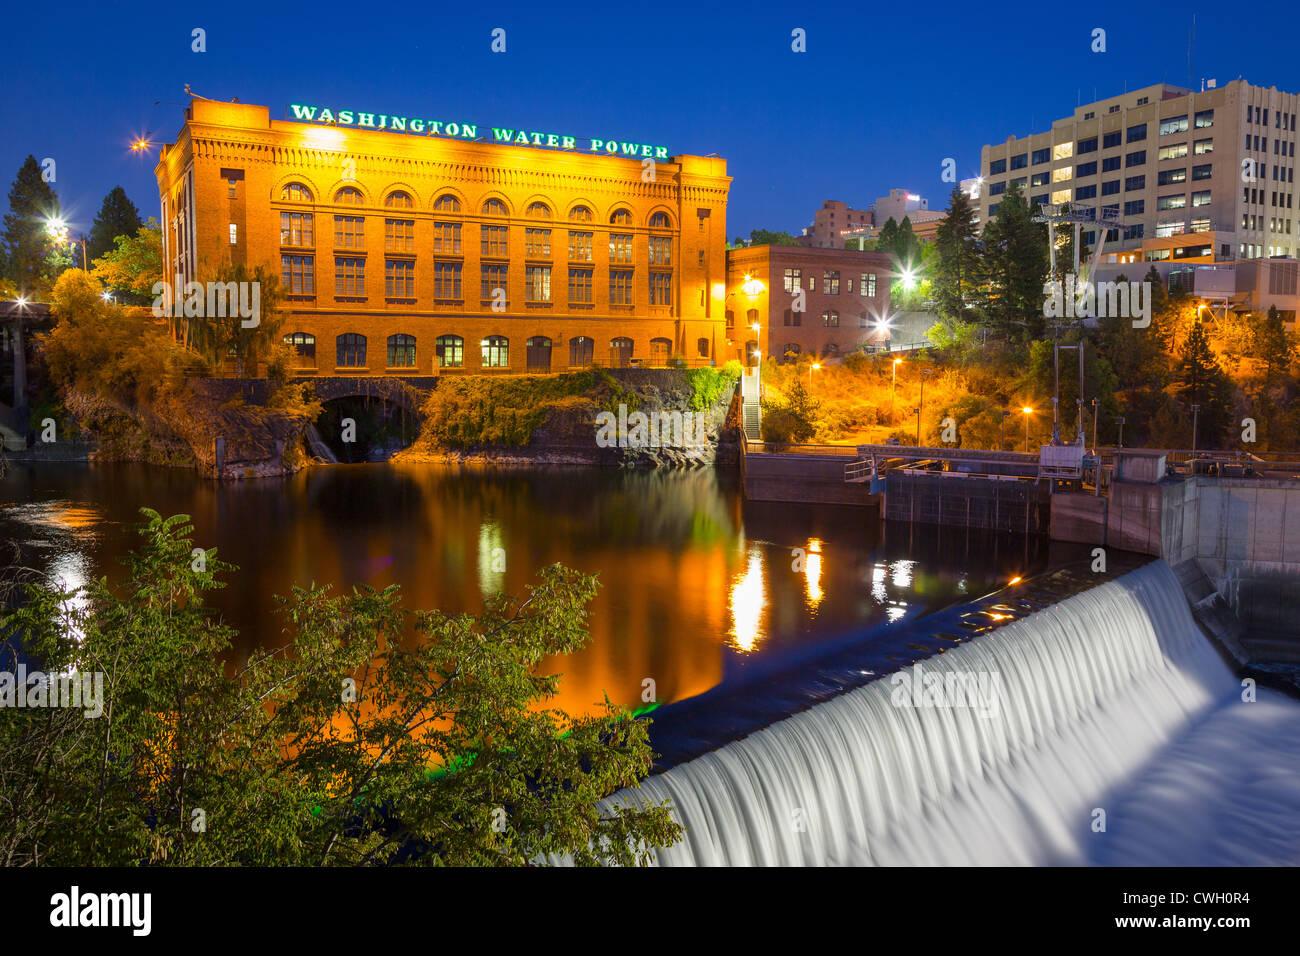 Edificio de alimentación de agua de Washington en Spokane, Washington en la noche Imagen De Stock